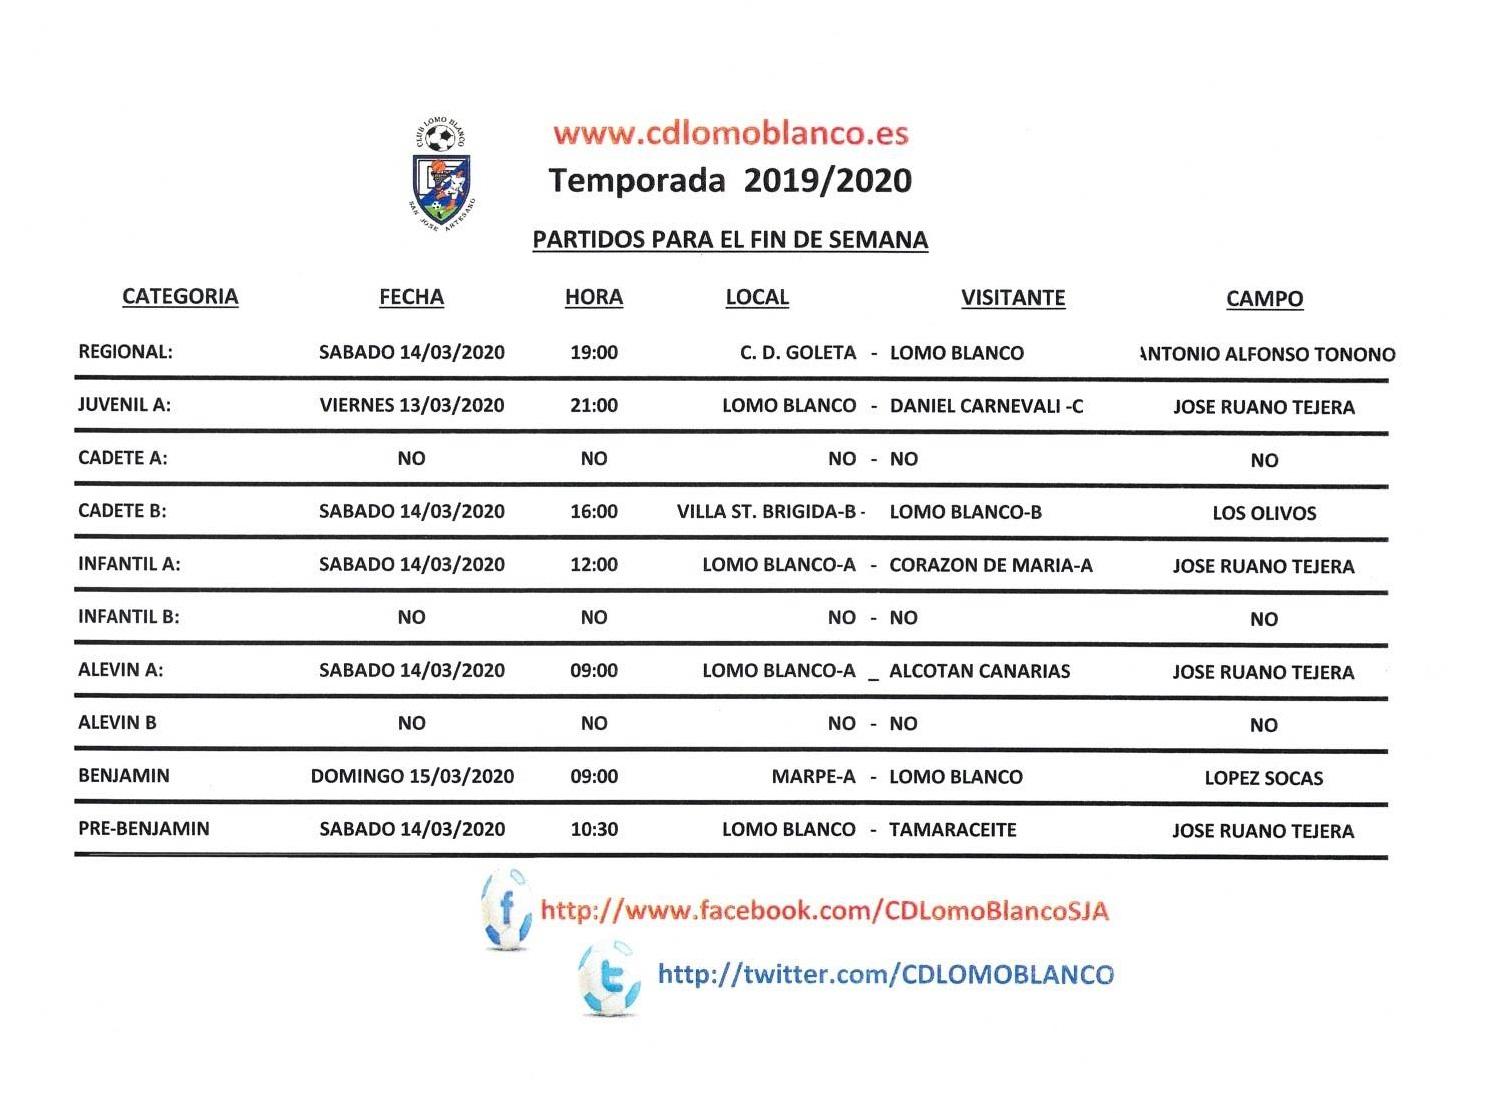 PARTIDOS DEL FIN DE SEMANA 13-15 DE MARZO